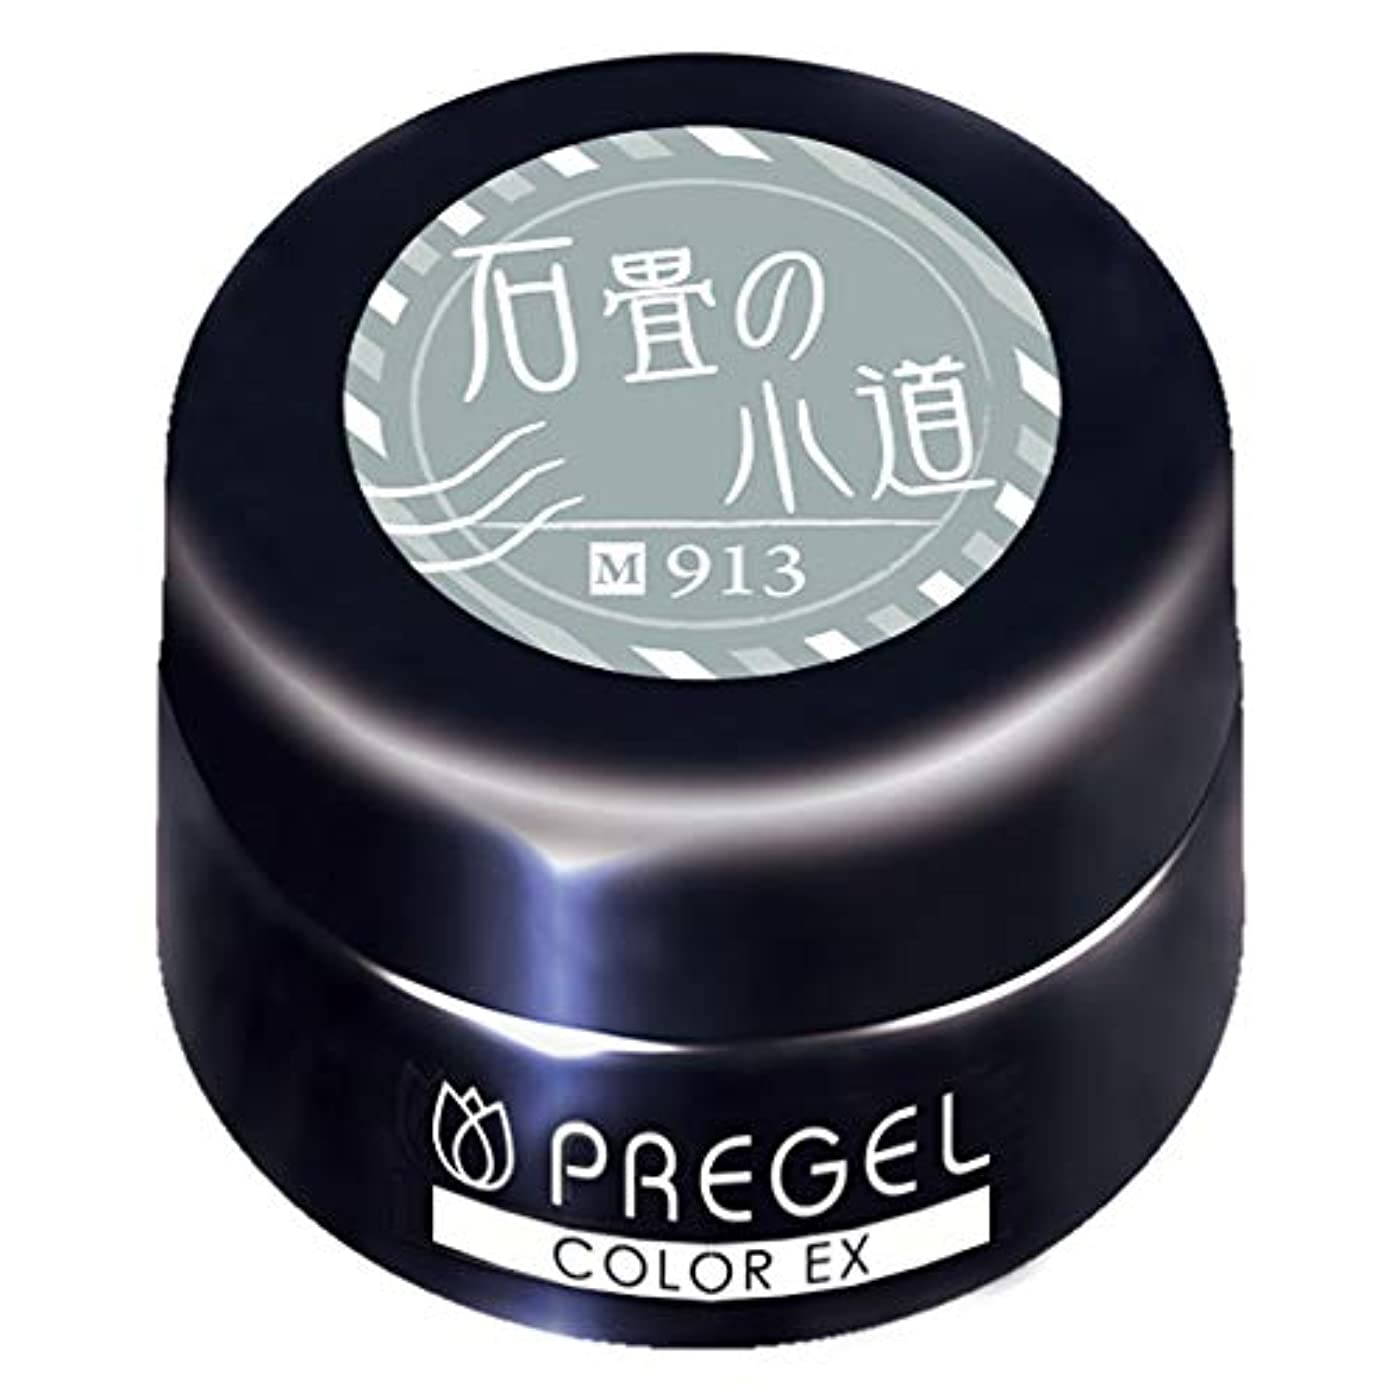 ピーク断線実際PRE GEL カラーEX 石畳の小道913 3g PG-CE913 UV/LED対応